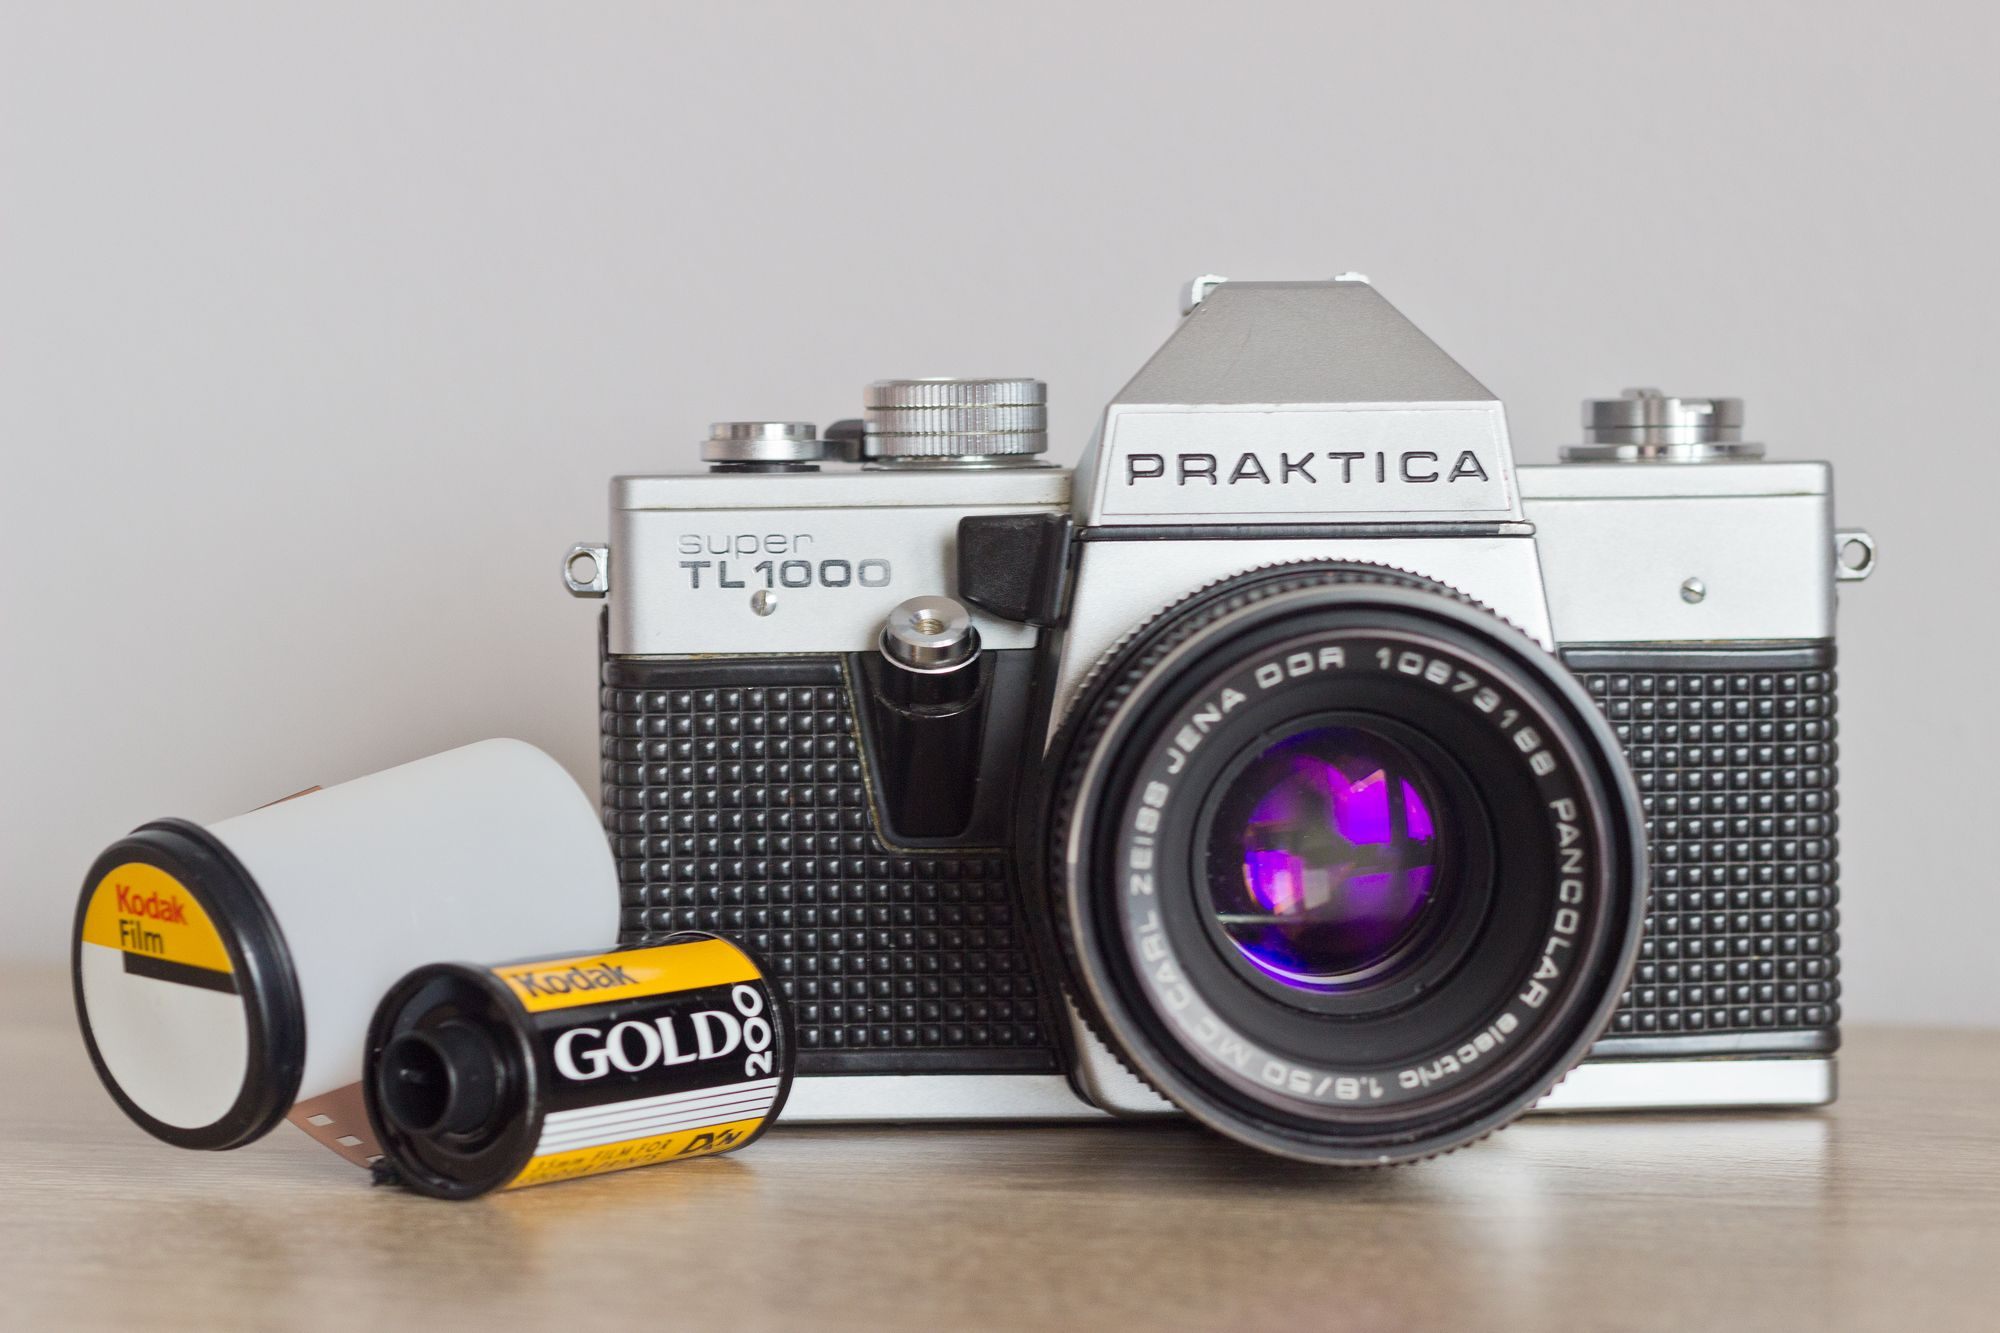 Fotoapparat praktica super tl von veb pentacon dresden